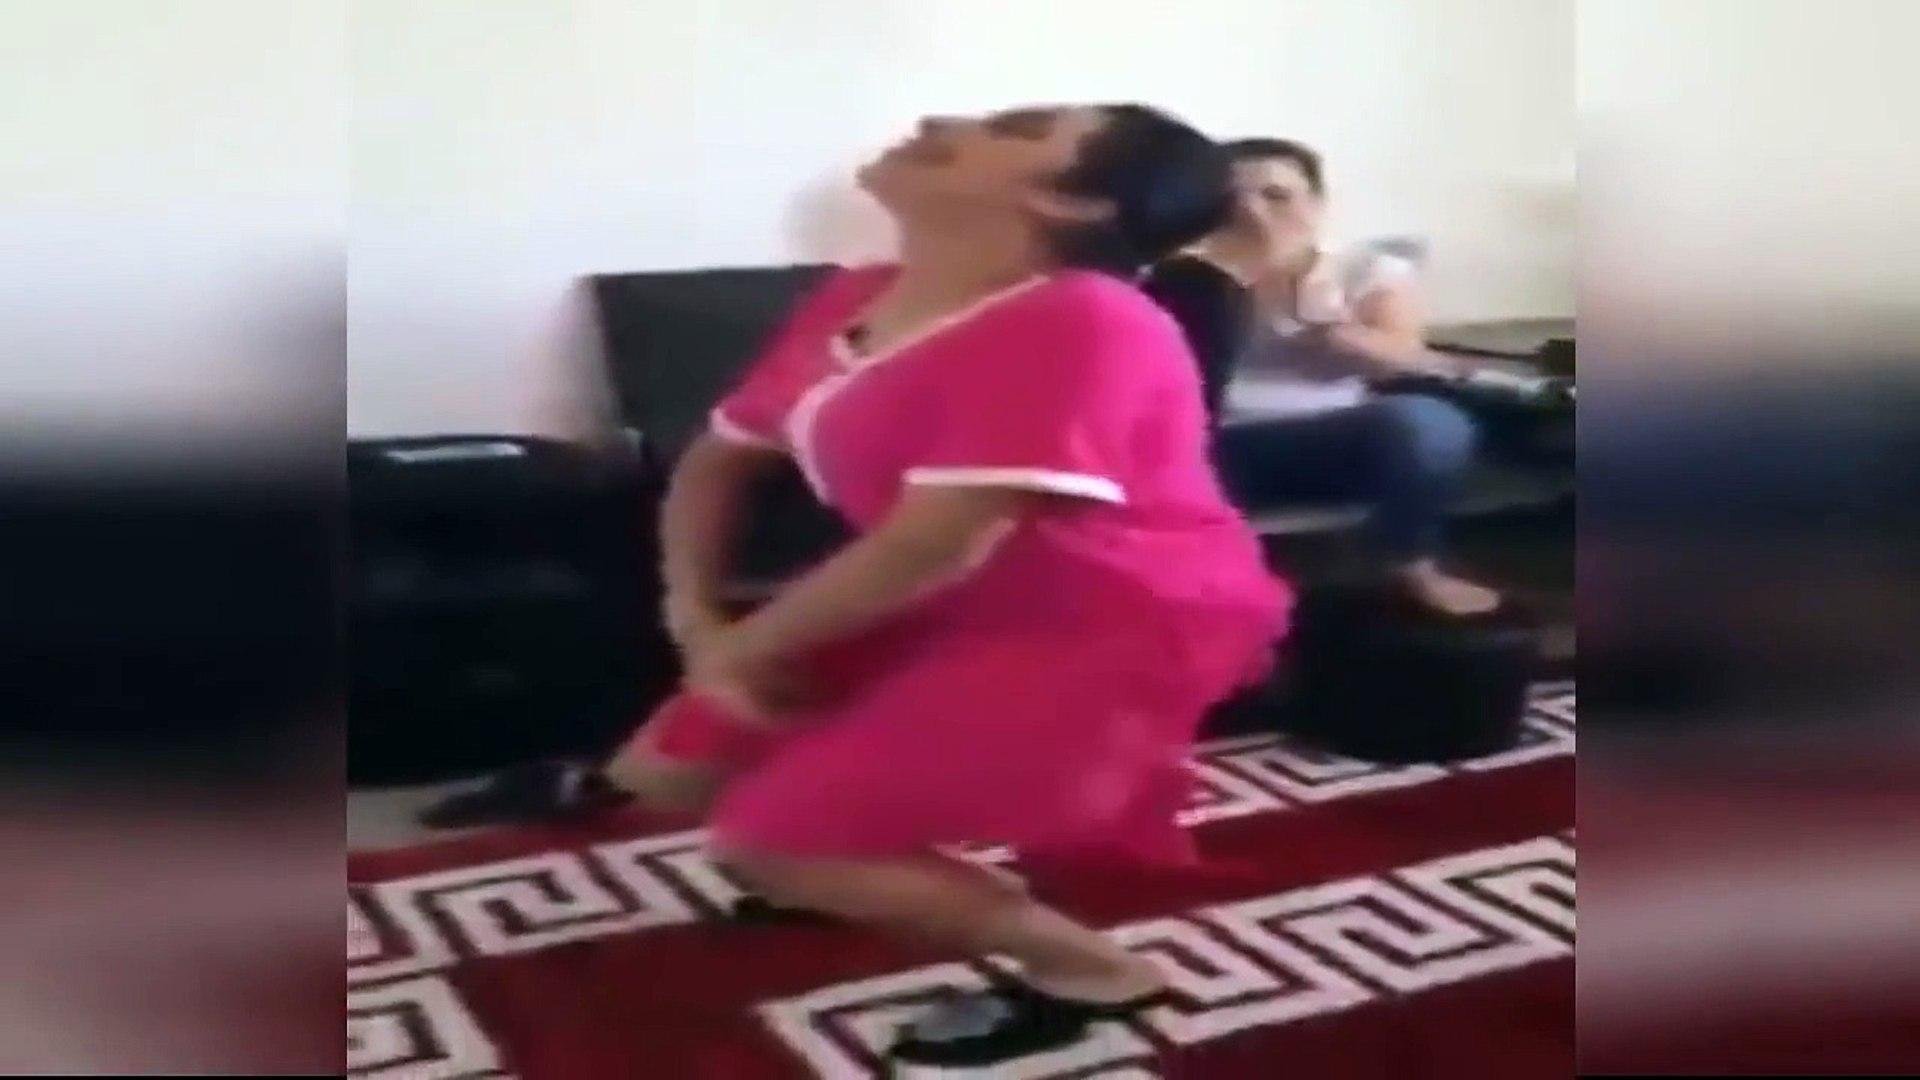 رقص مغربي اول مرة ستشاهده بدون ملابس داخلية مثير جدا - رقص منزلي مثير